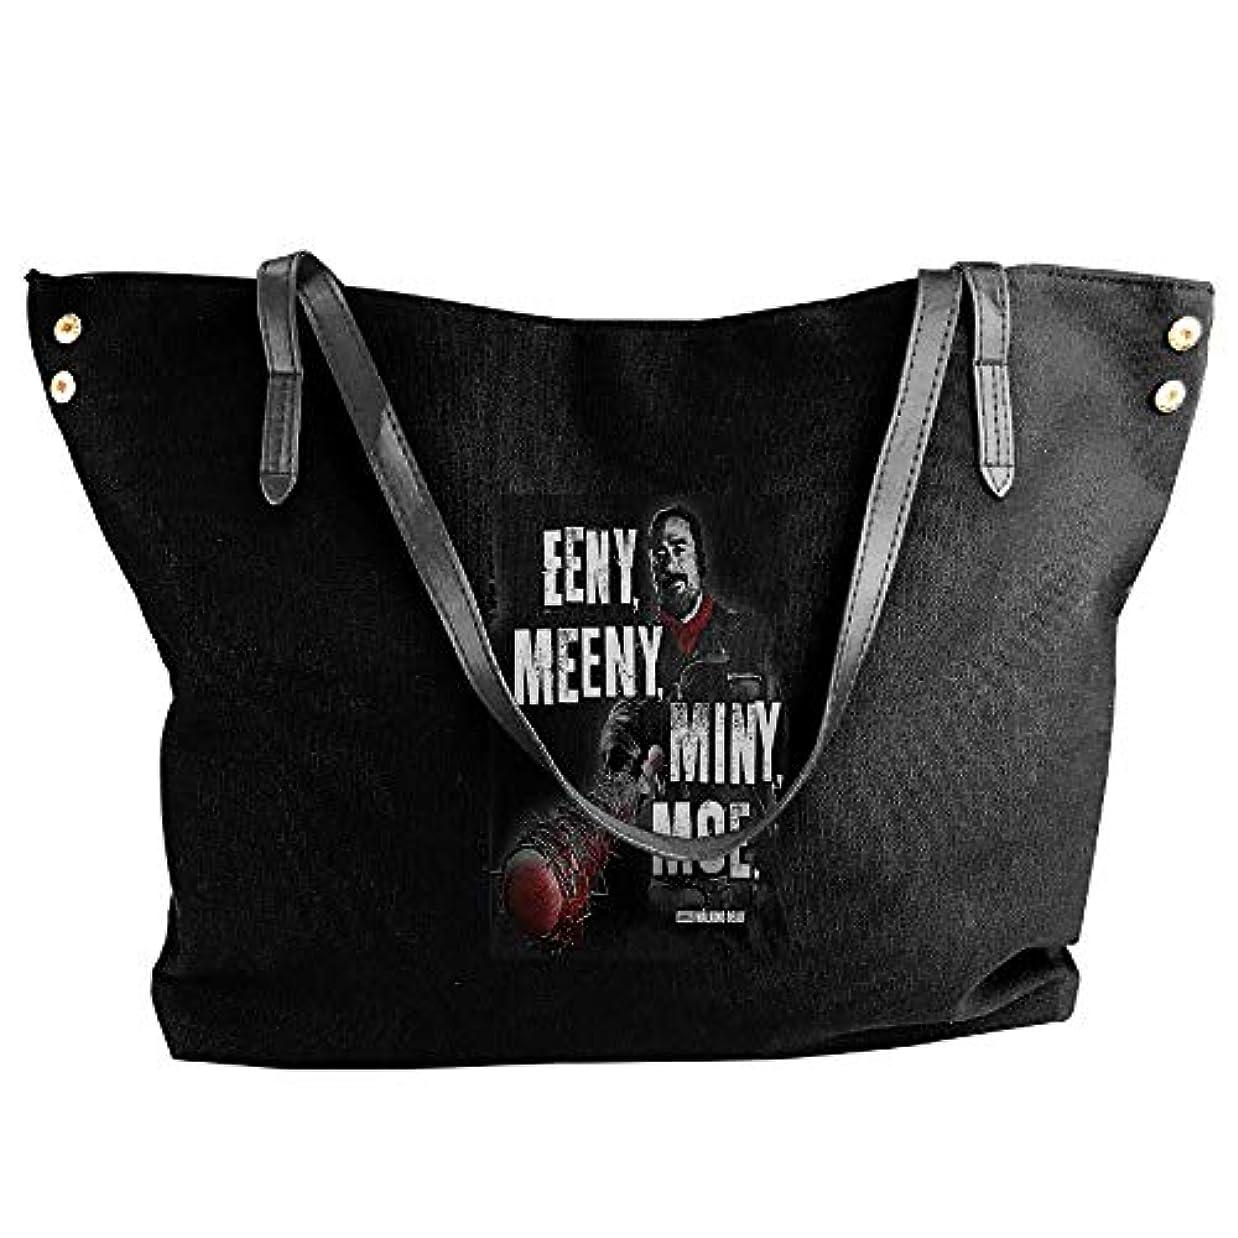 ホップ最初に吸い込む2019最新レディースバッグ ファッション若い女の子ストリートショッピングキャンバスのショルダーバッグ Walking Dead Eeny Meeny Miny Moe 人気のバッグ 大容量 リュック